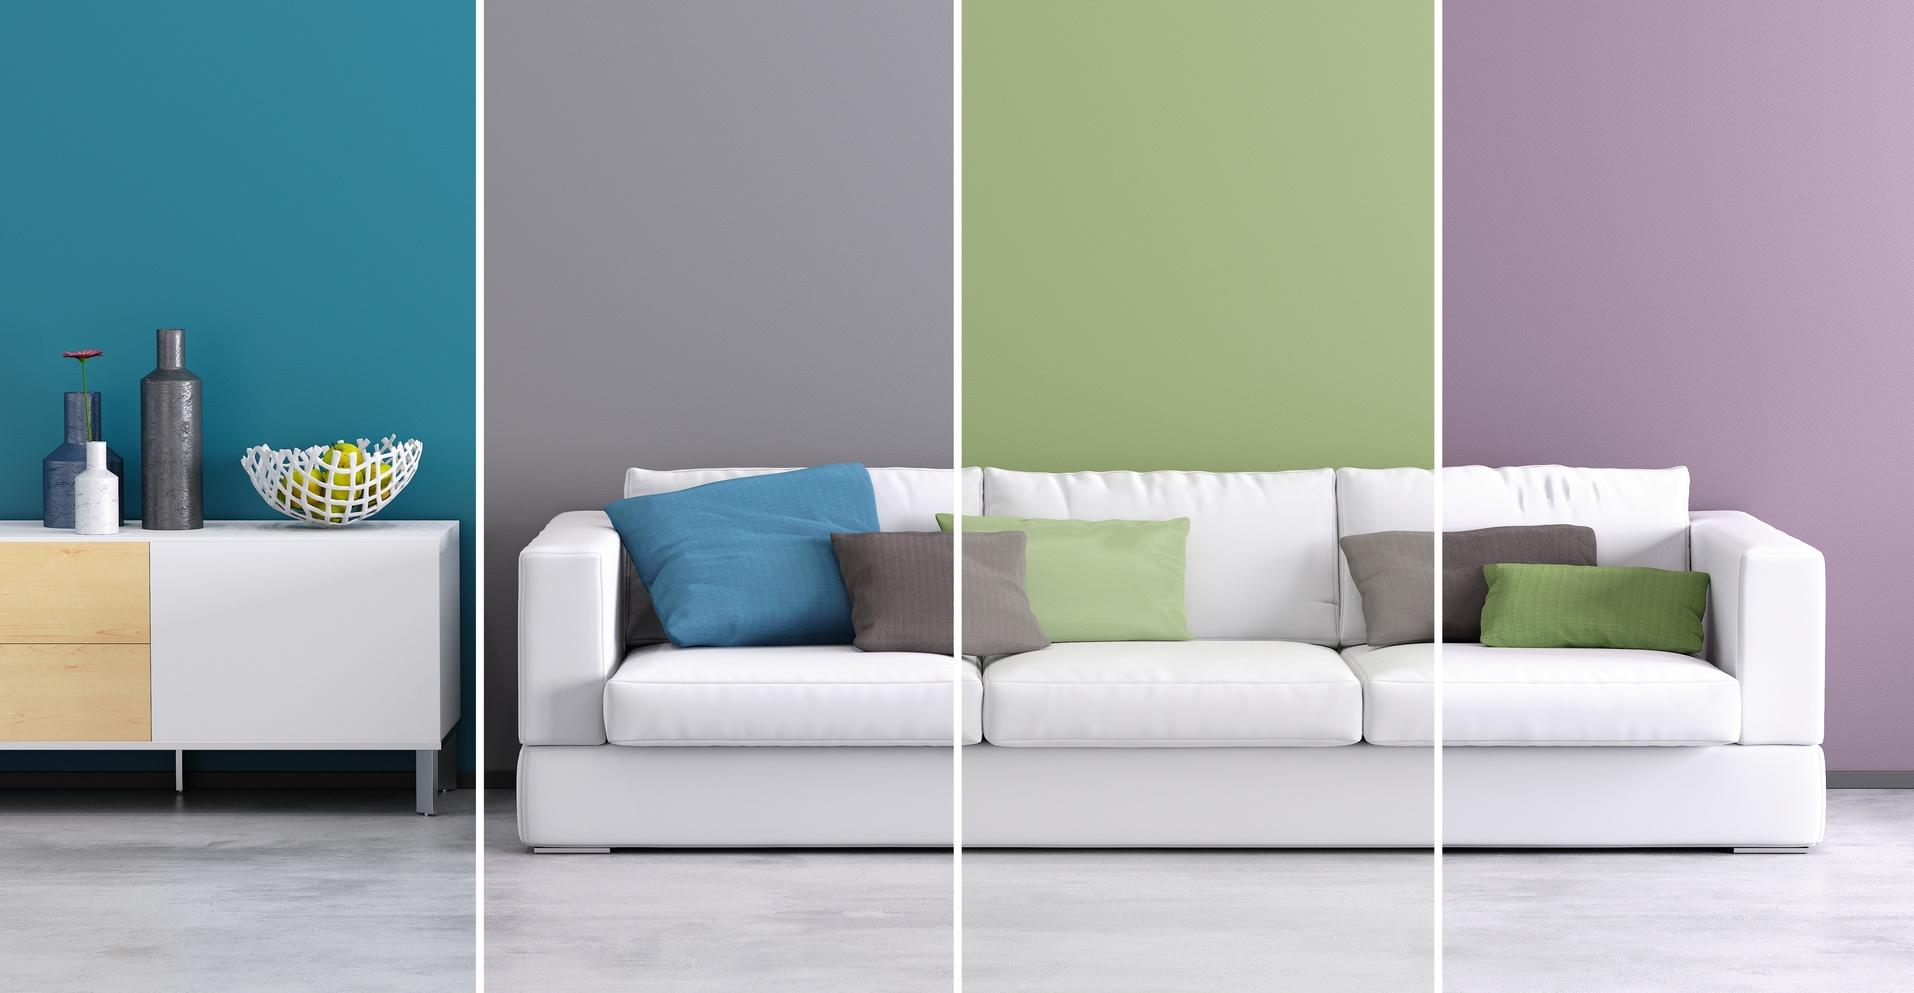 Farben in Räumen bringt Behaglichkeit